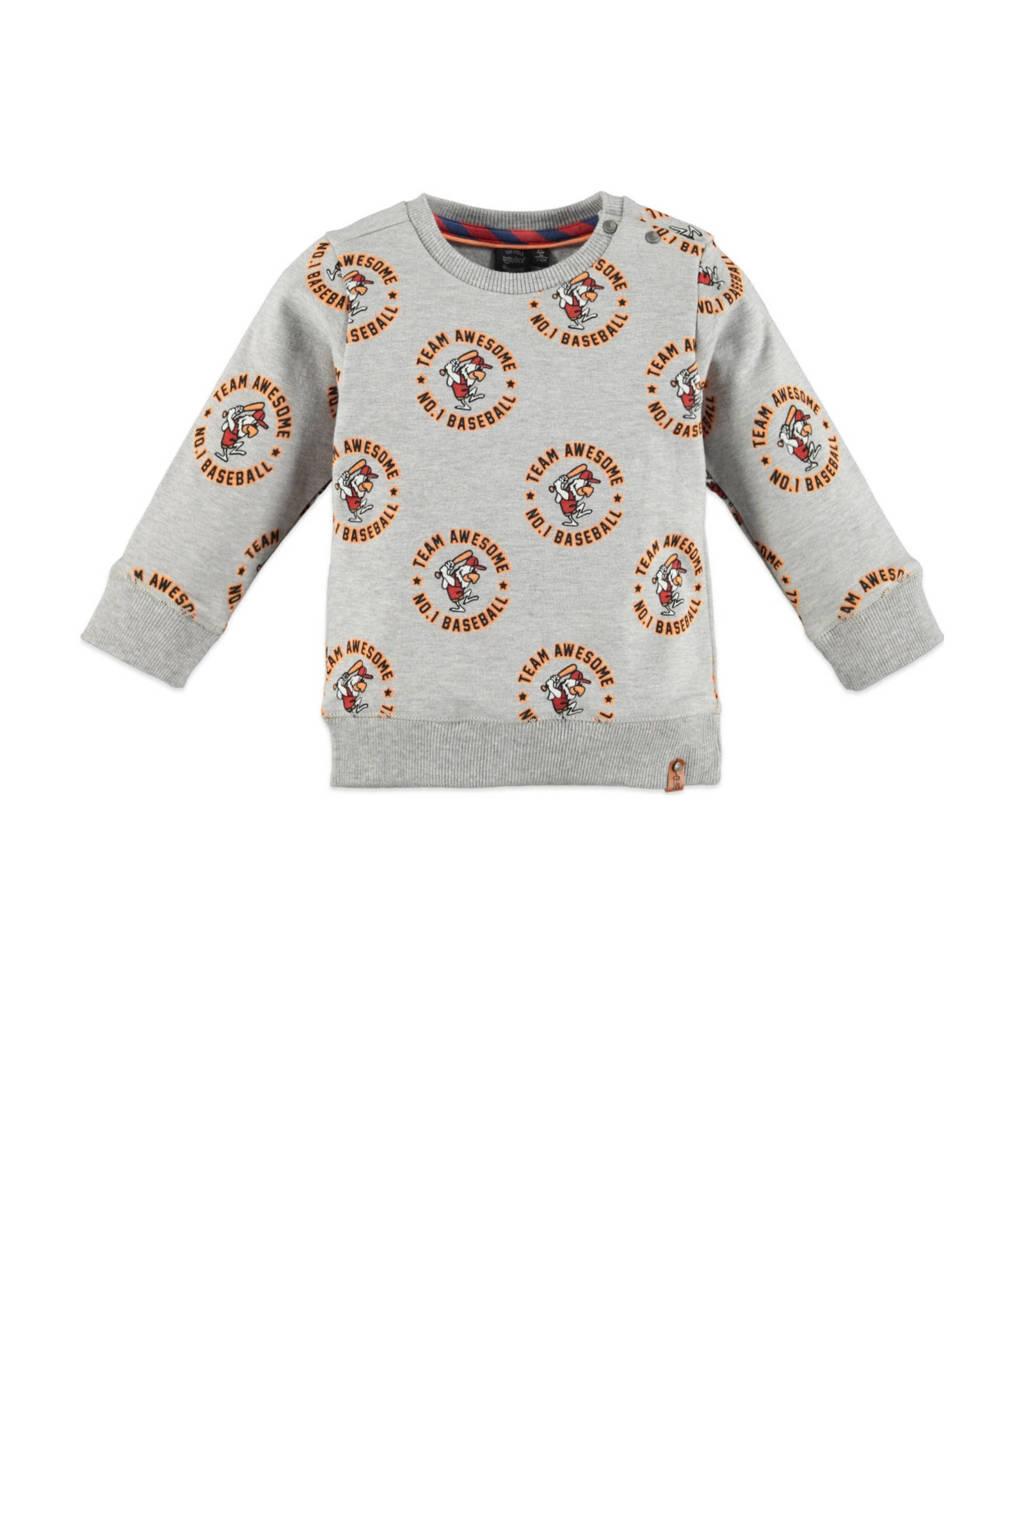 Babyface sweater met all over print grijs melange/oranje/rood, Grijs melange/oranje/rood